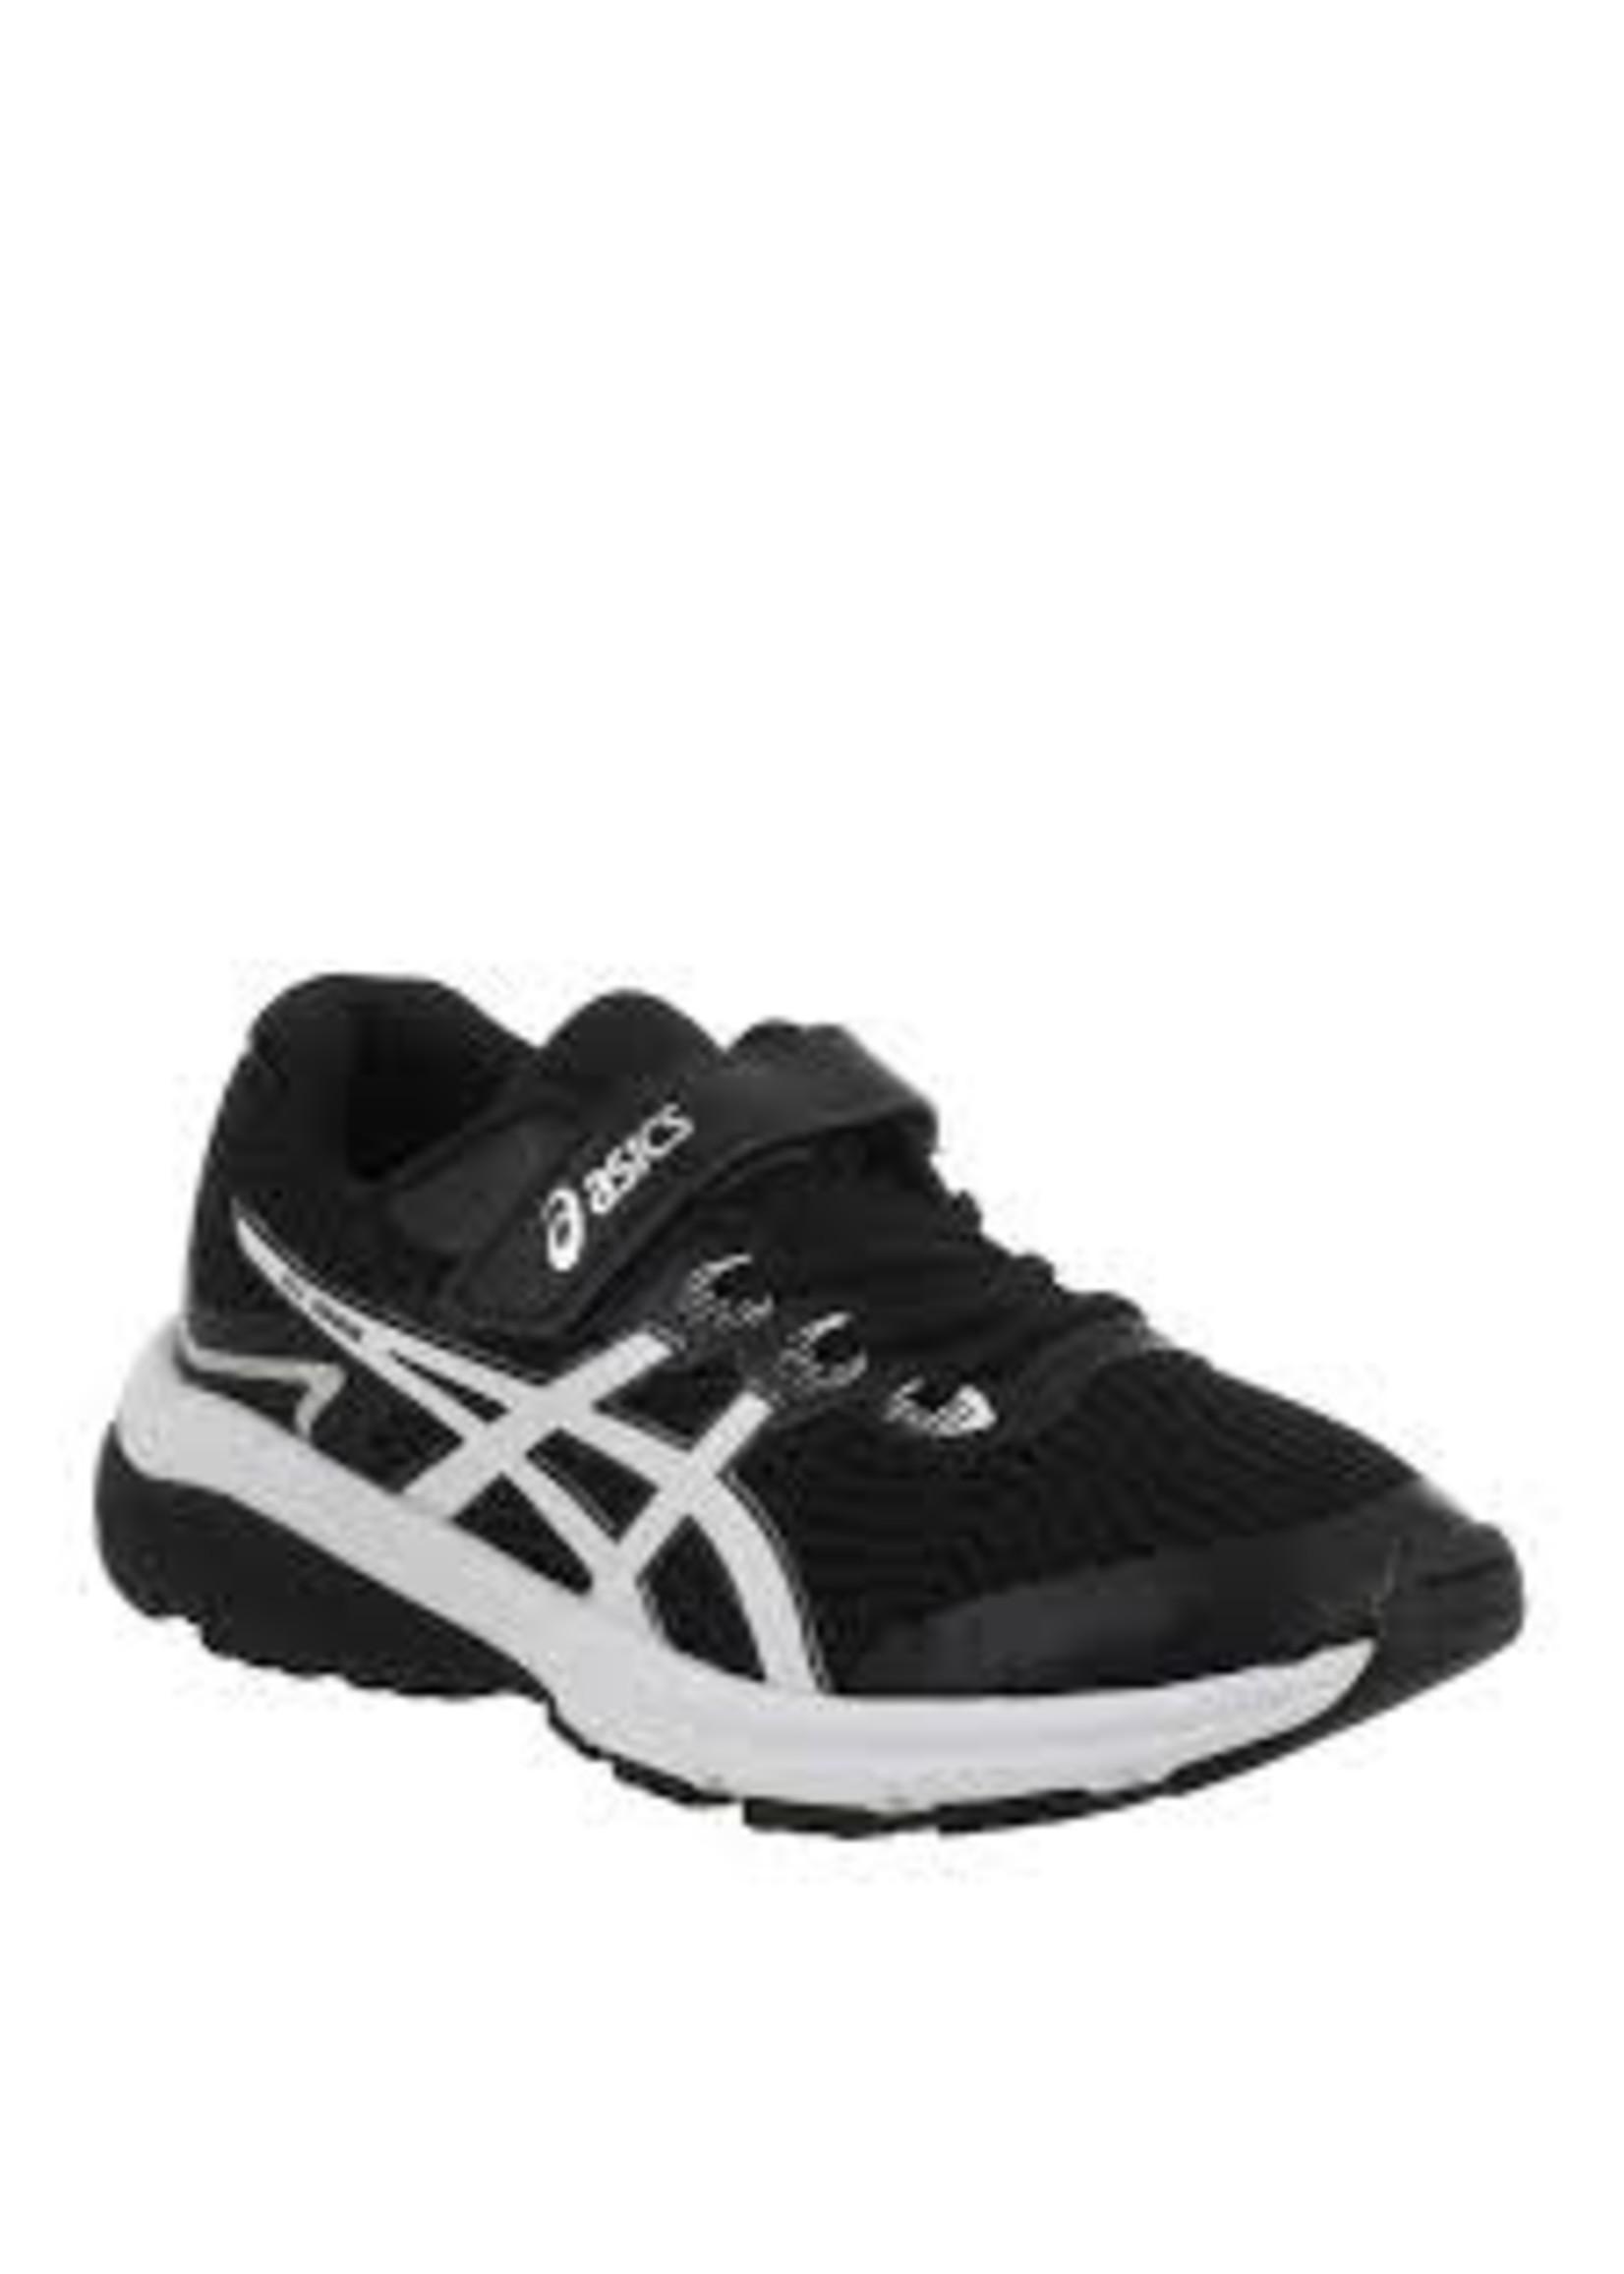 Asics Asics GT-1000 8 PS Junior Running Shoe, Black/White